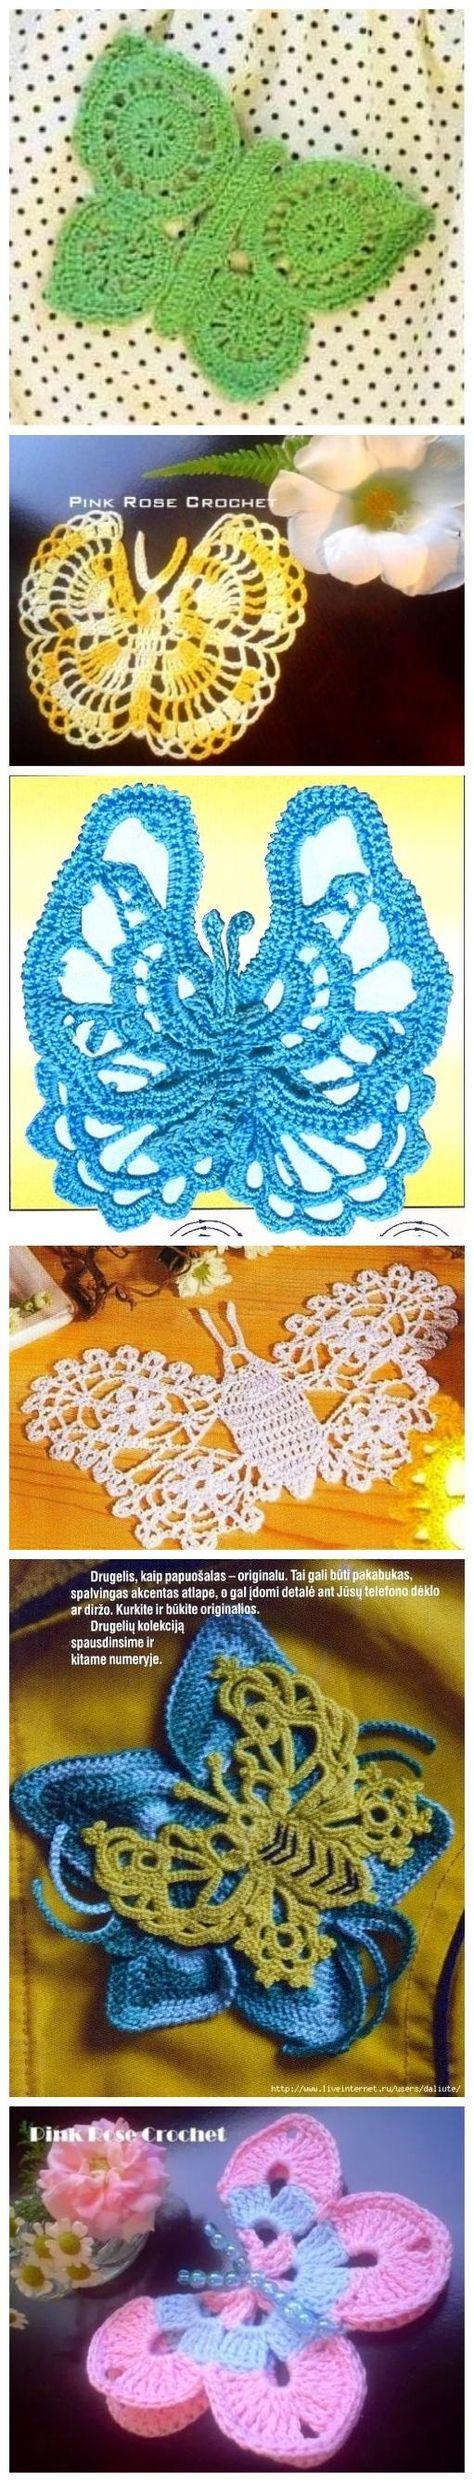 Free crochet butterfly motif patterns.